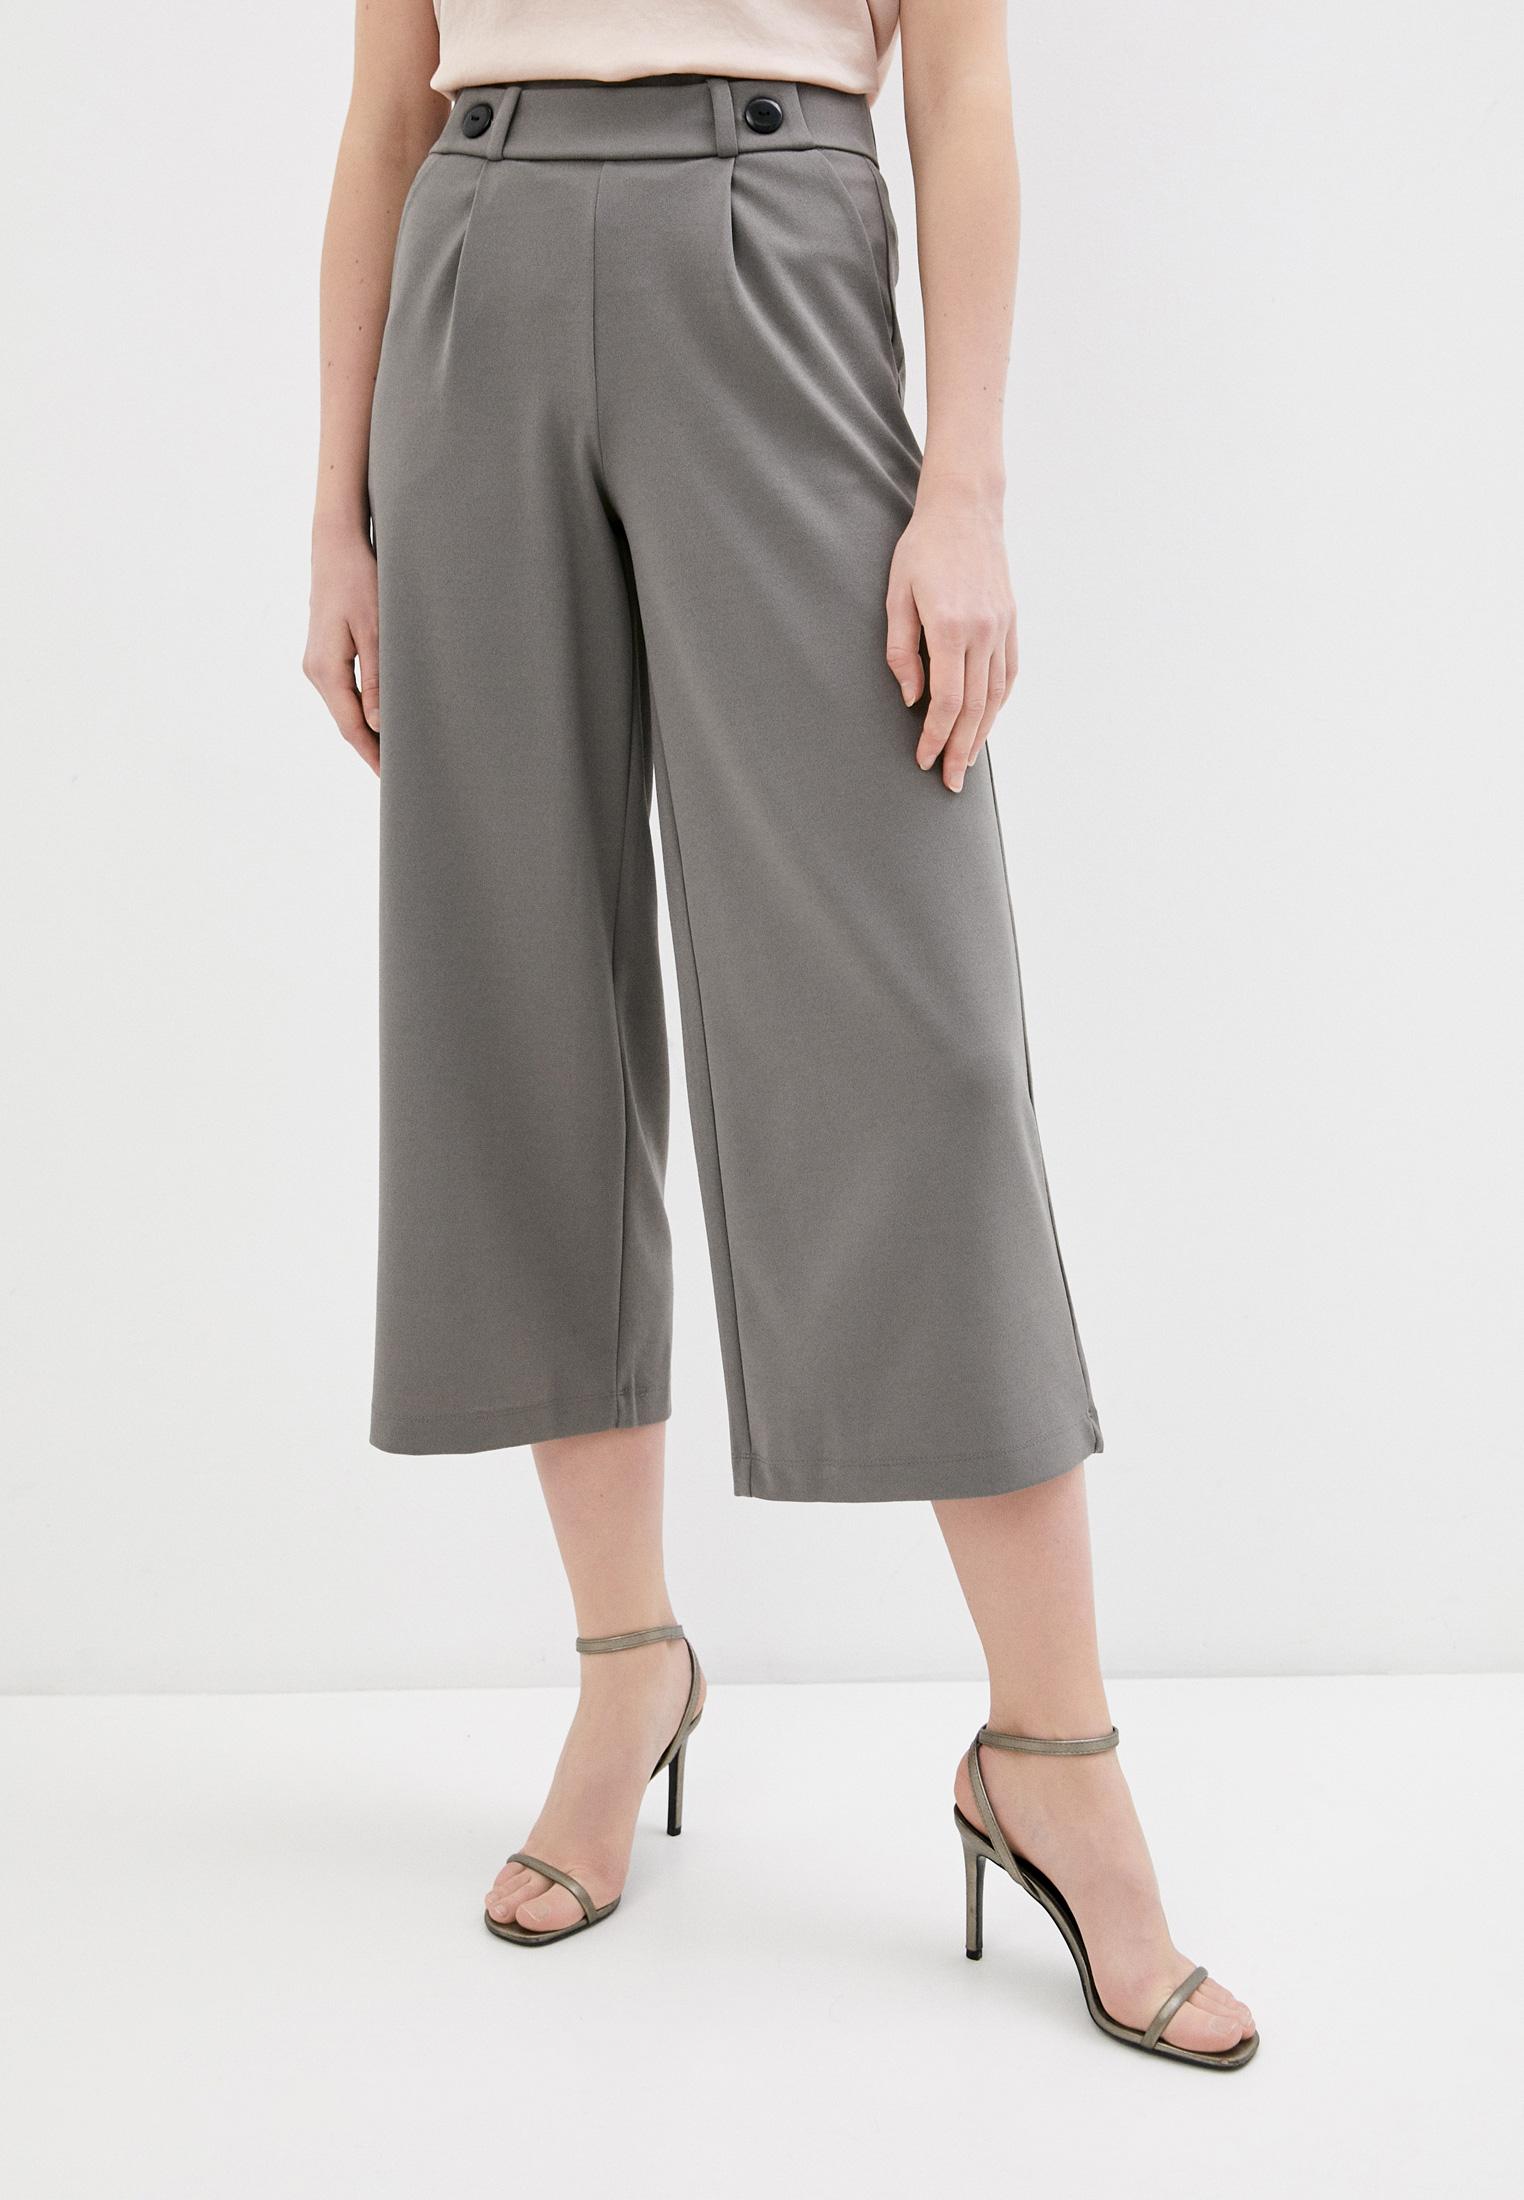 Женские широкие и расклешенные брюки Jacqueline de Yong Брюки Jacqueline de Yong